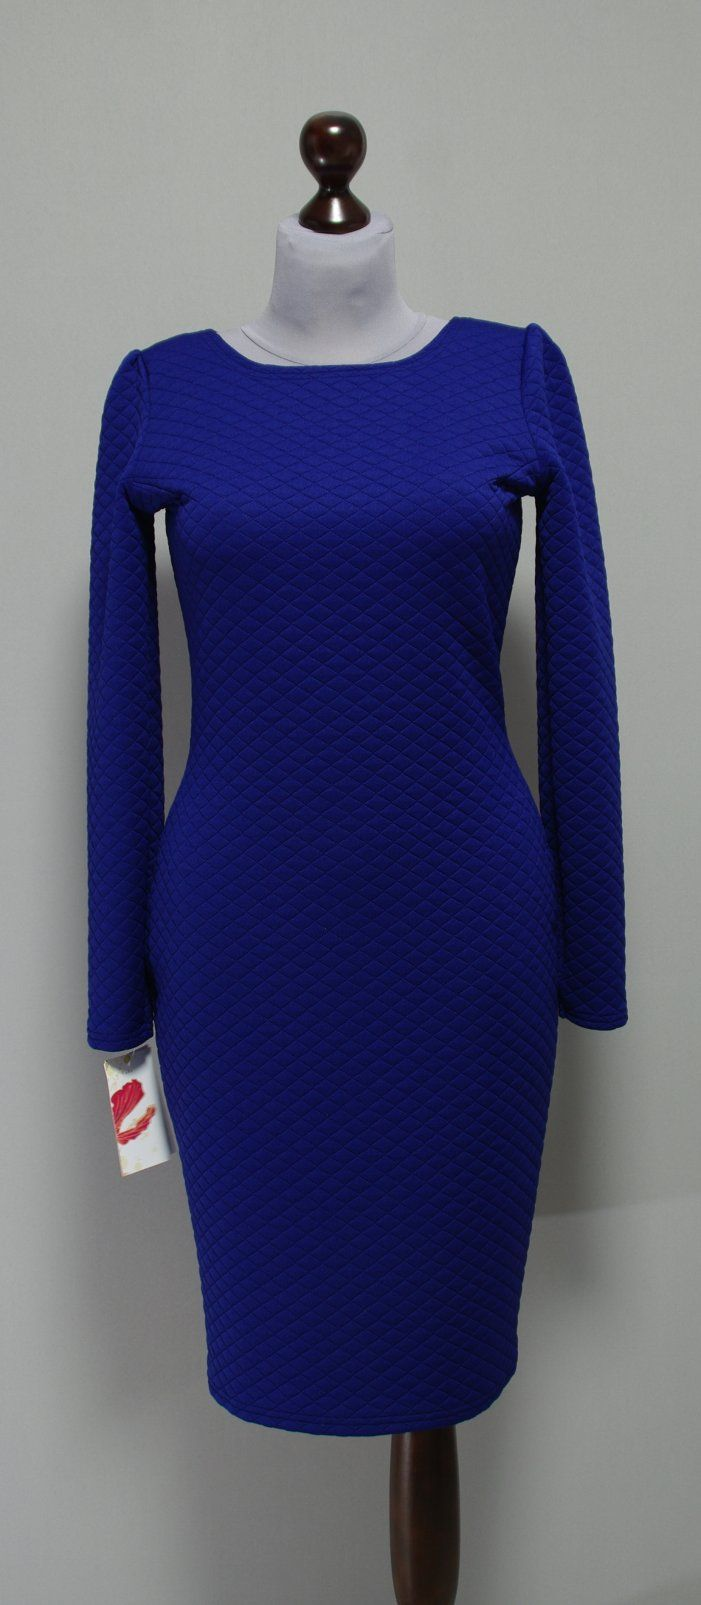 очень теплое синее платье цвета электрик Украина, Платье-терапия